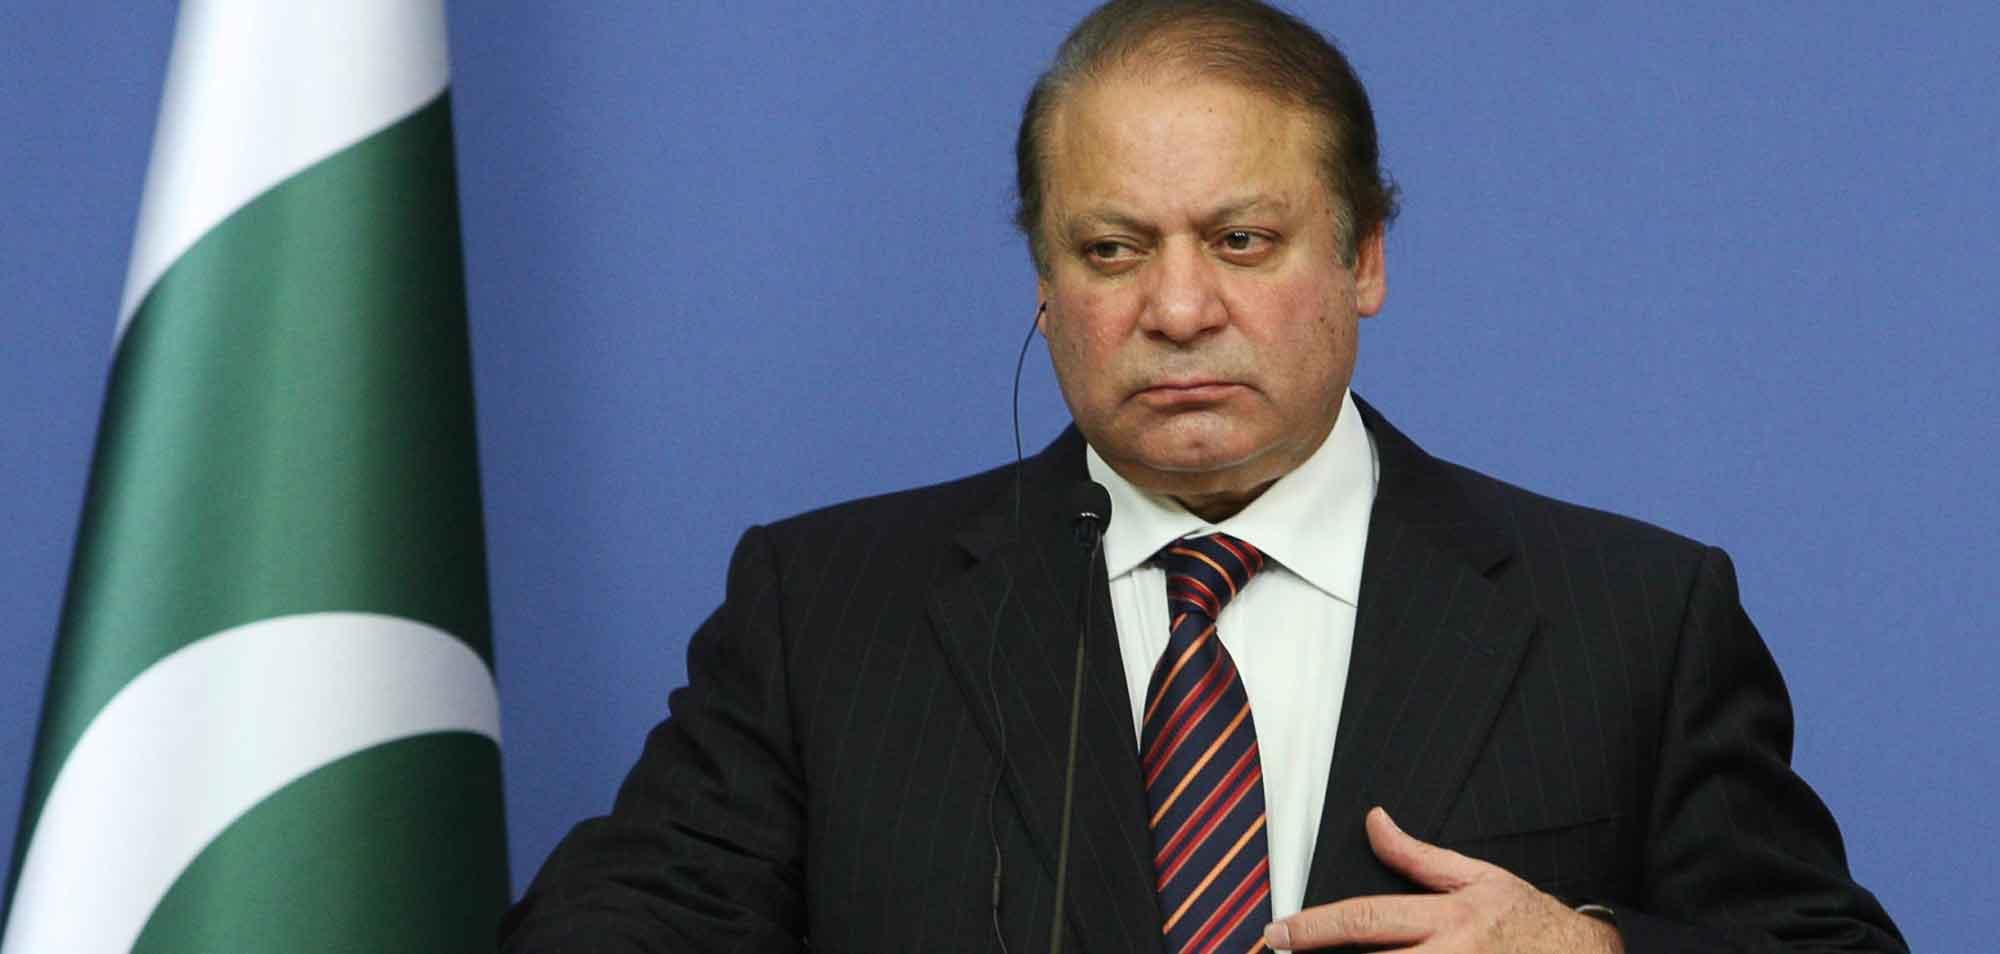 किन पक्राउ परे पाकिस्तानका पूर्व प्रधानमन्त्री सरिफ